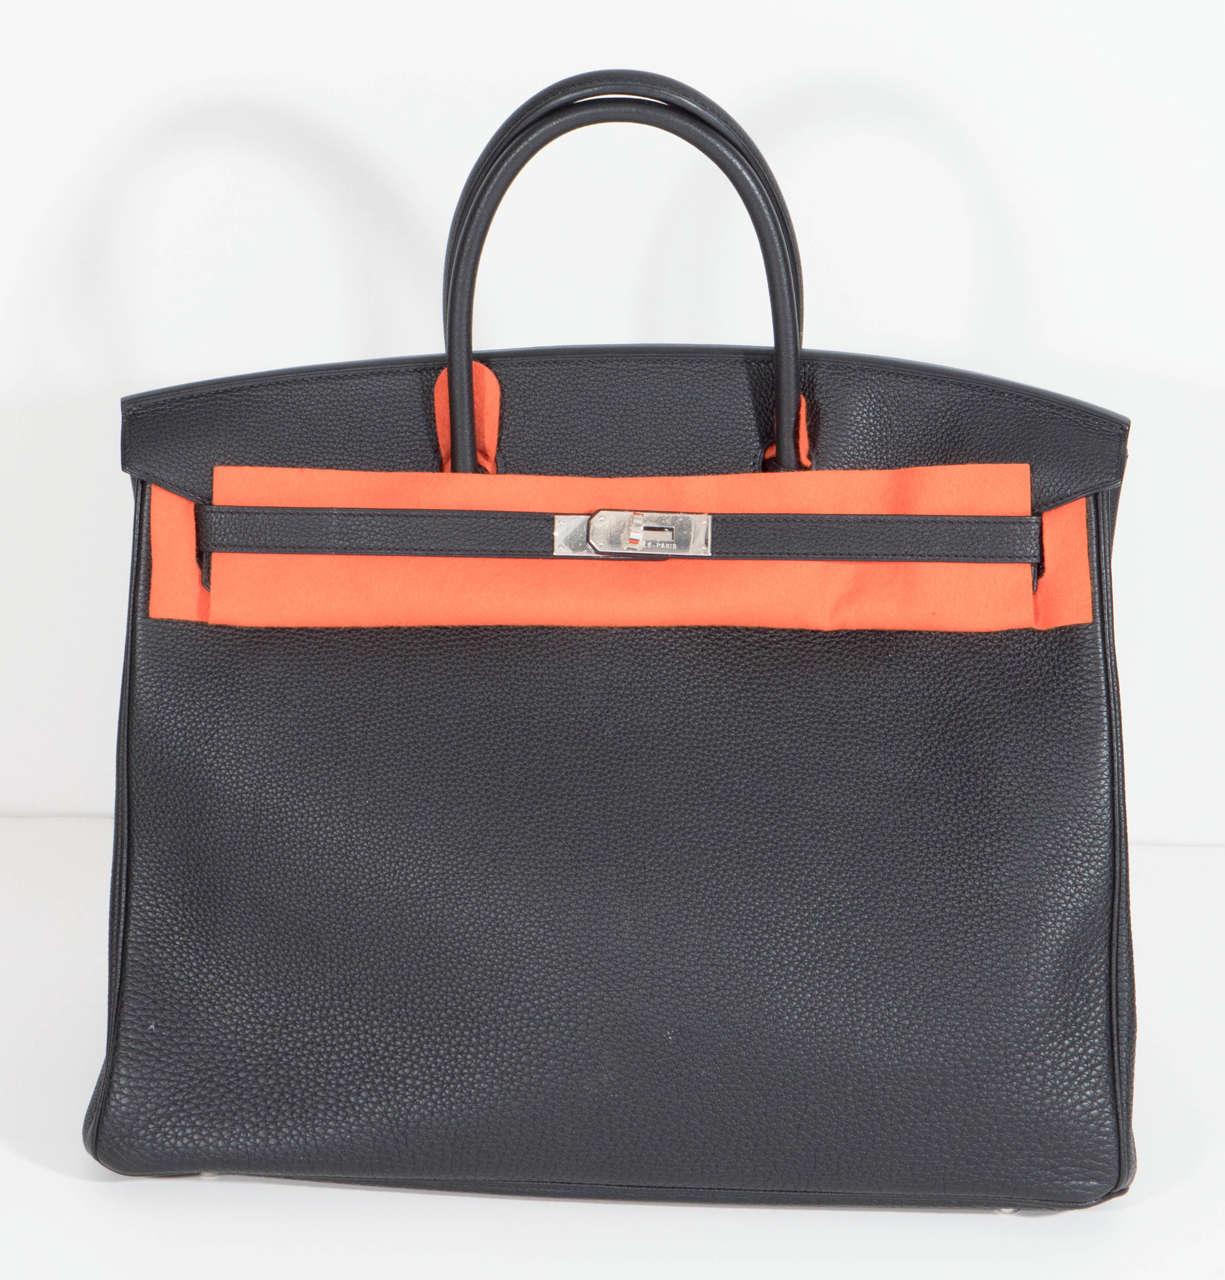 Hermès Paris Birkin Bag 40 in Togo Leather with Palladium Hardware, 2008 2